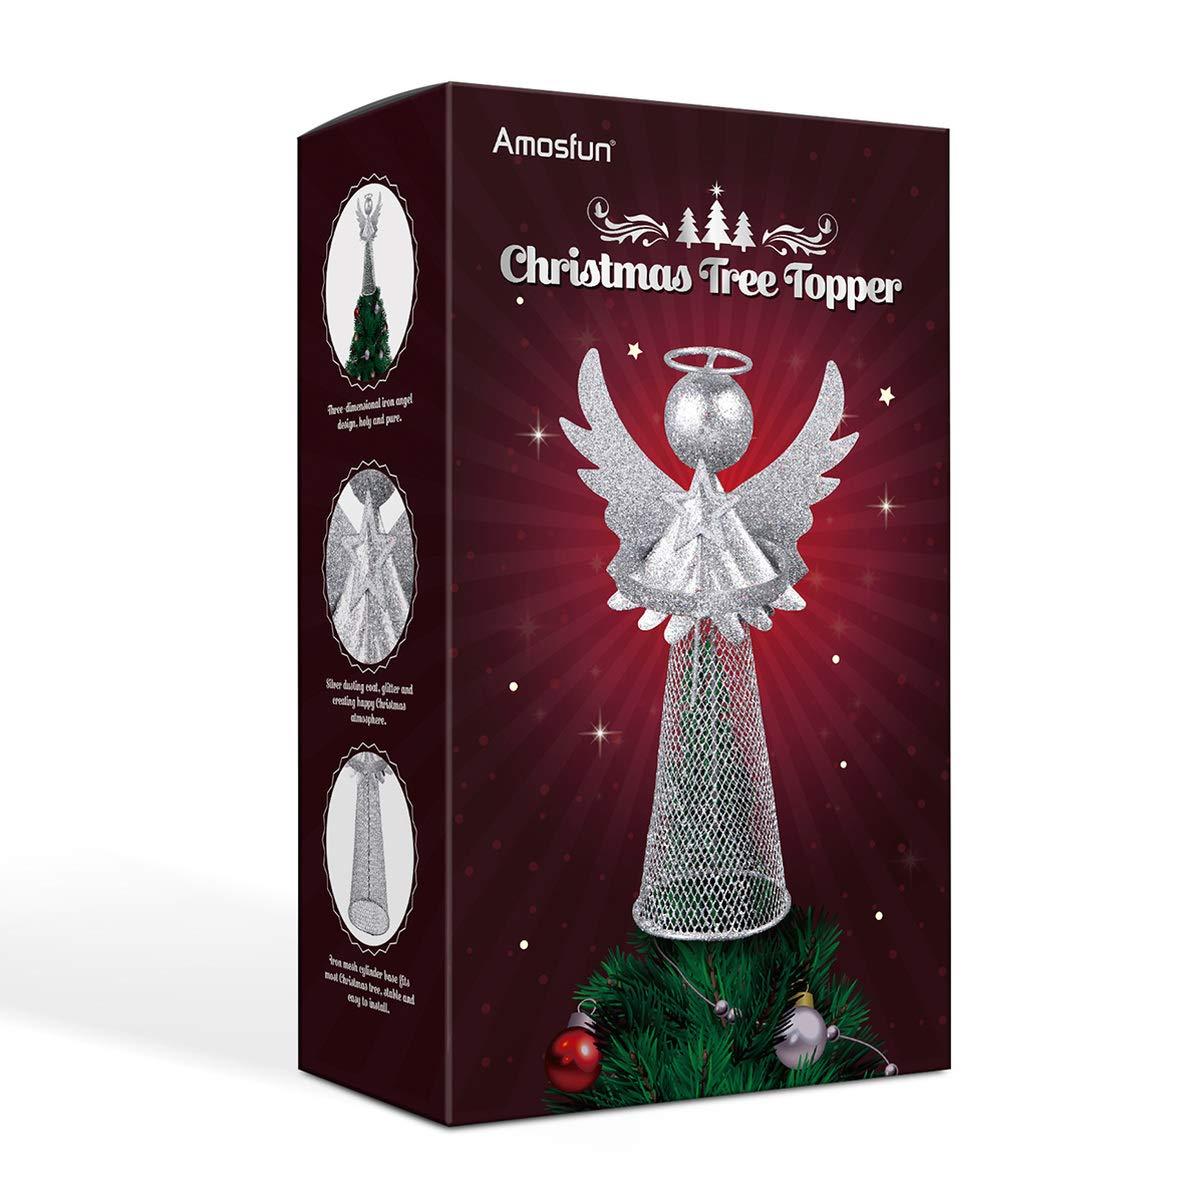 Color Plateado Decoraci/ón para /árbol de Navidad dise/ño de /ángel de Navidad Amosfun